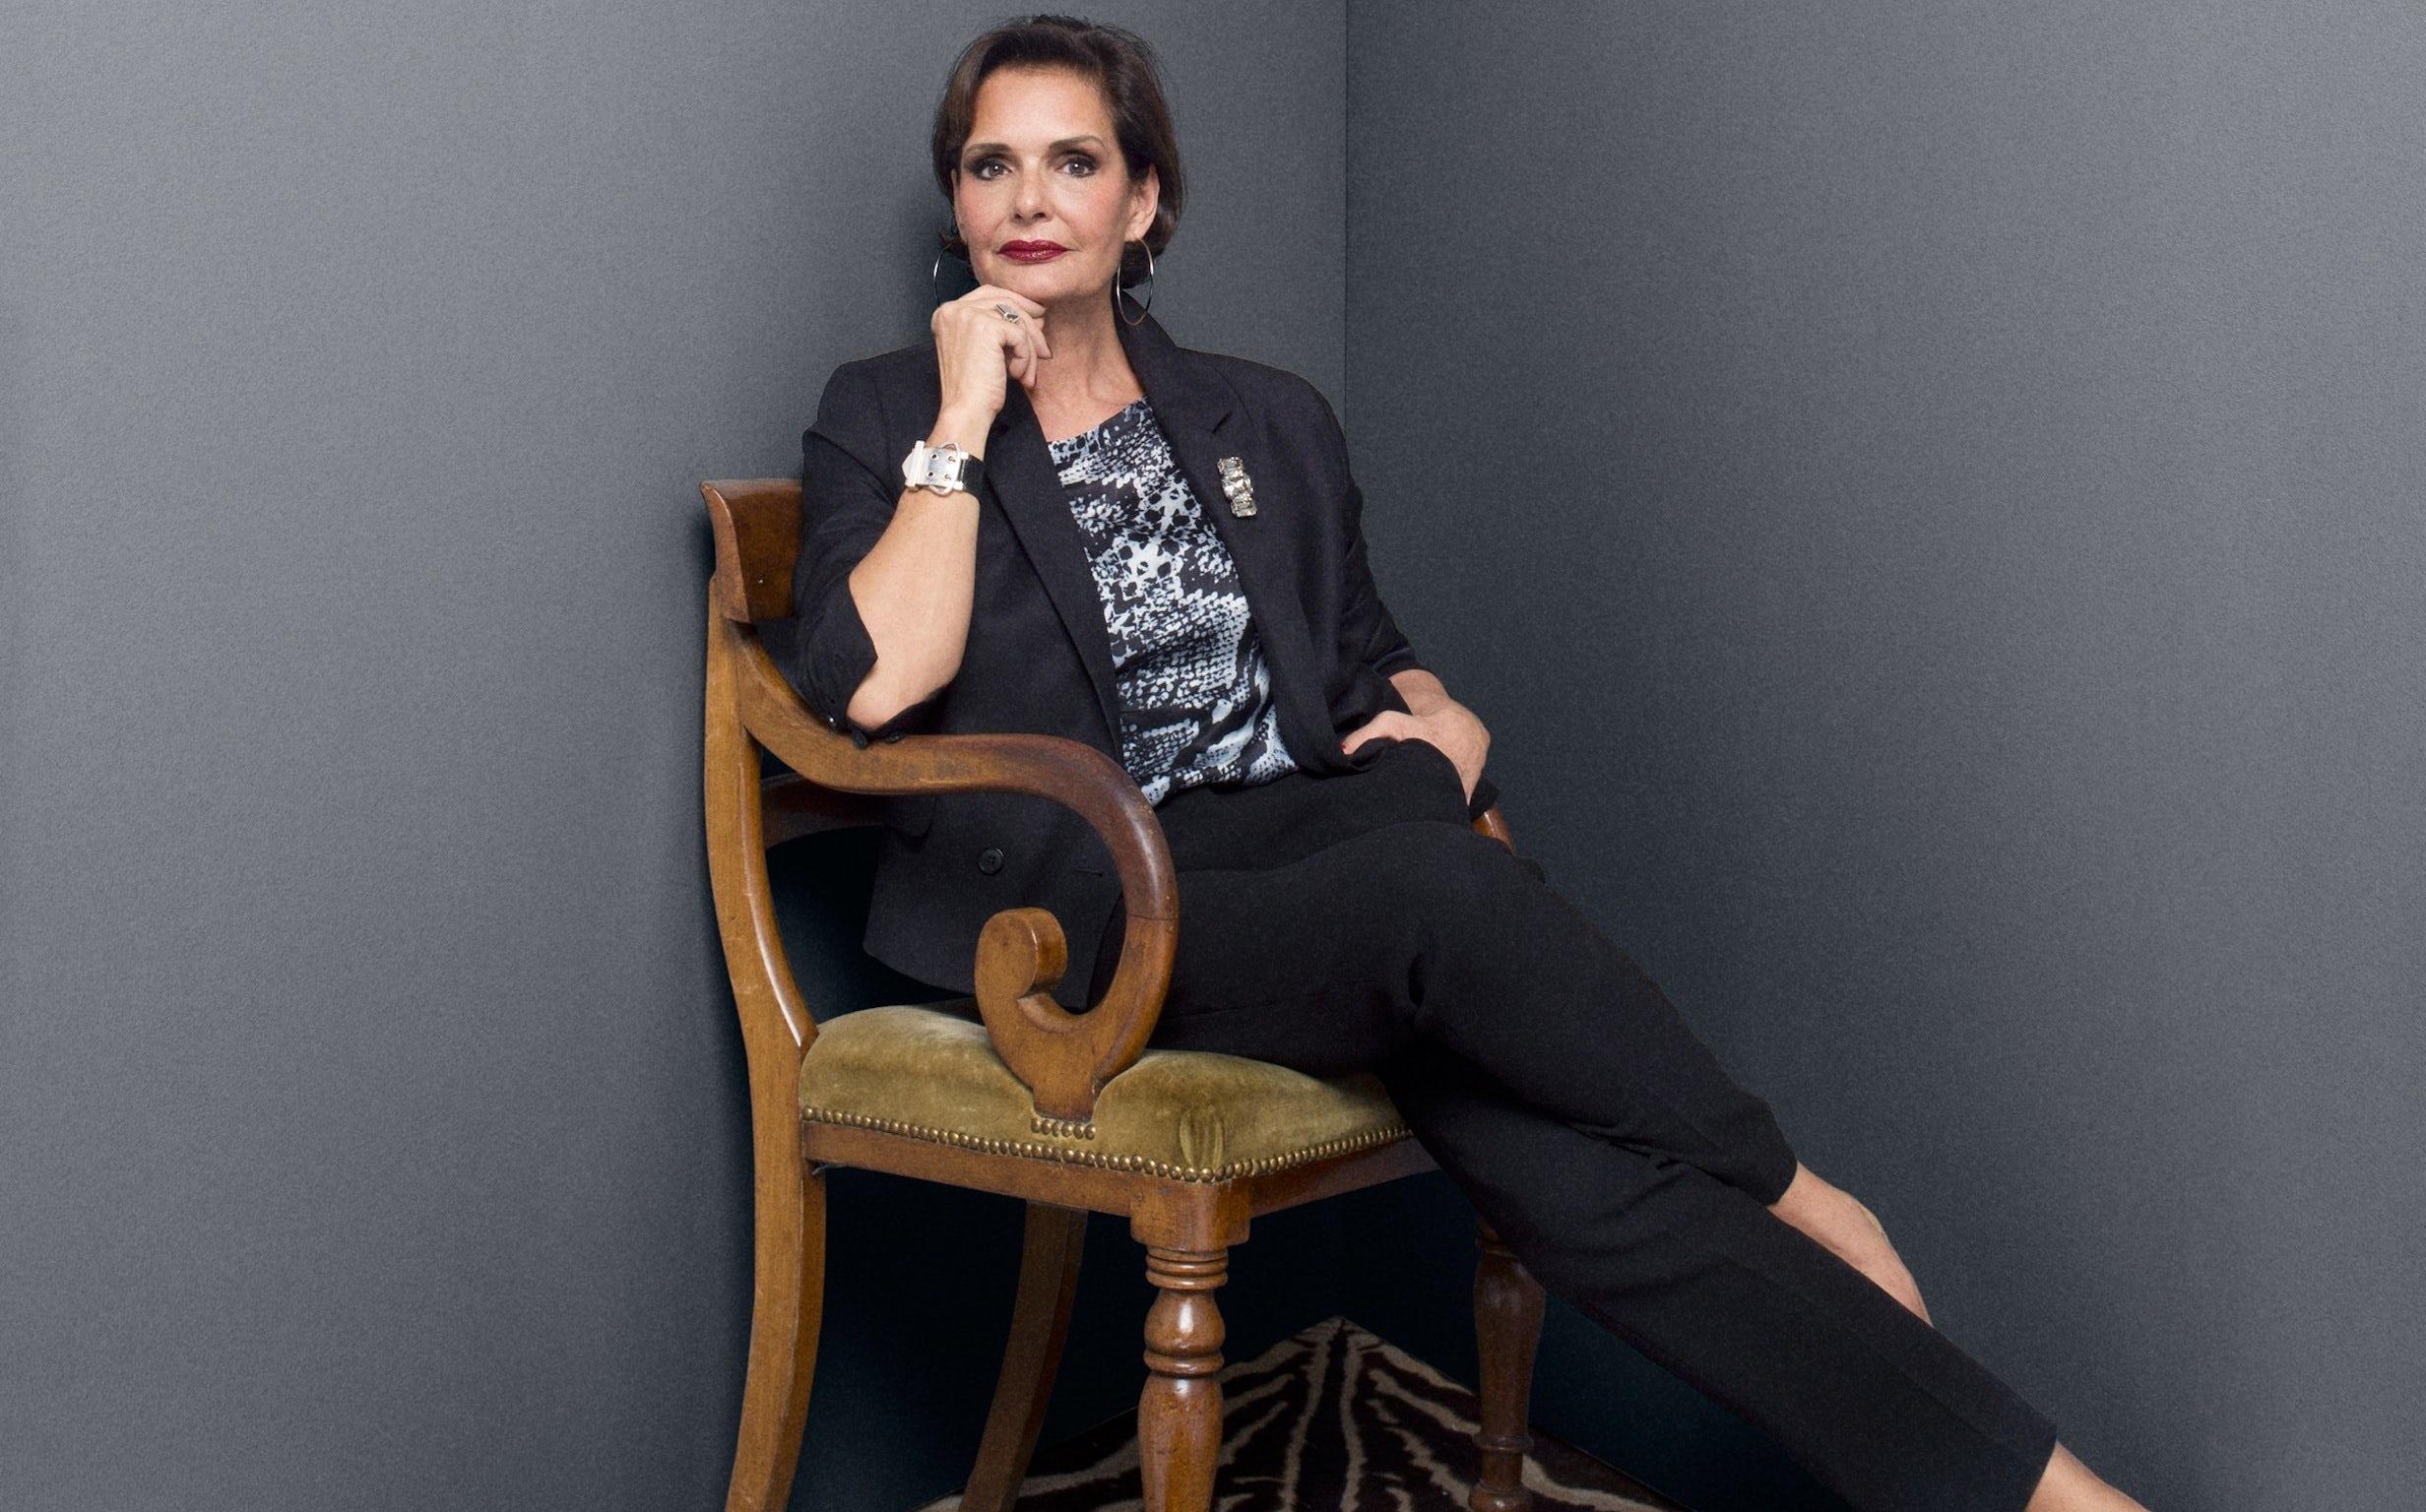 Maria Luisa Poumaillou